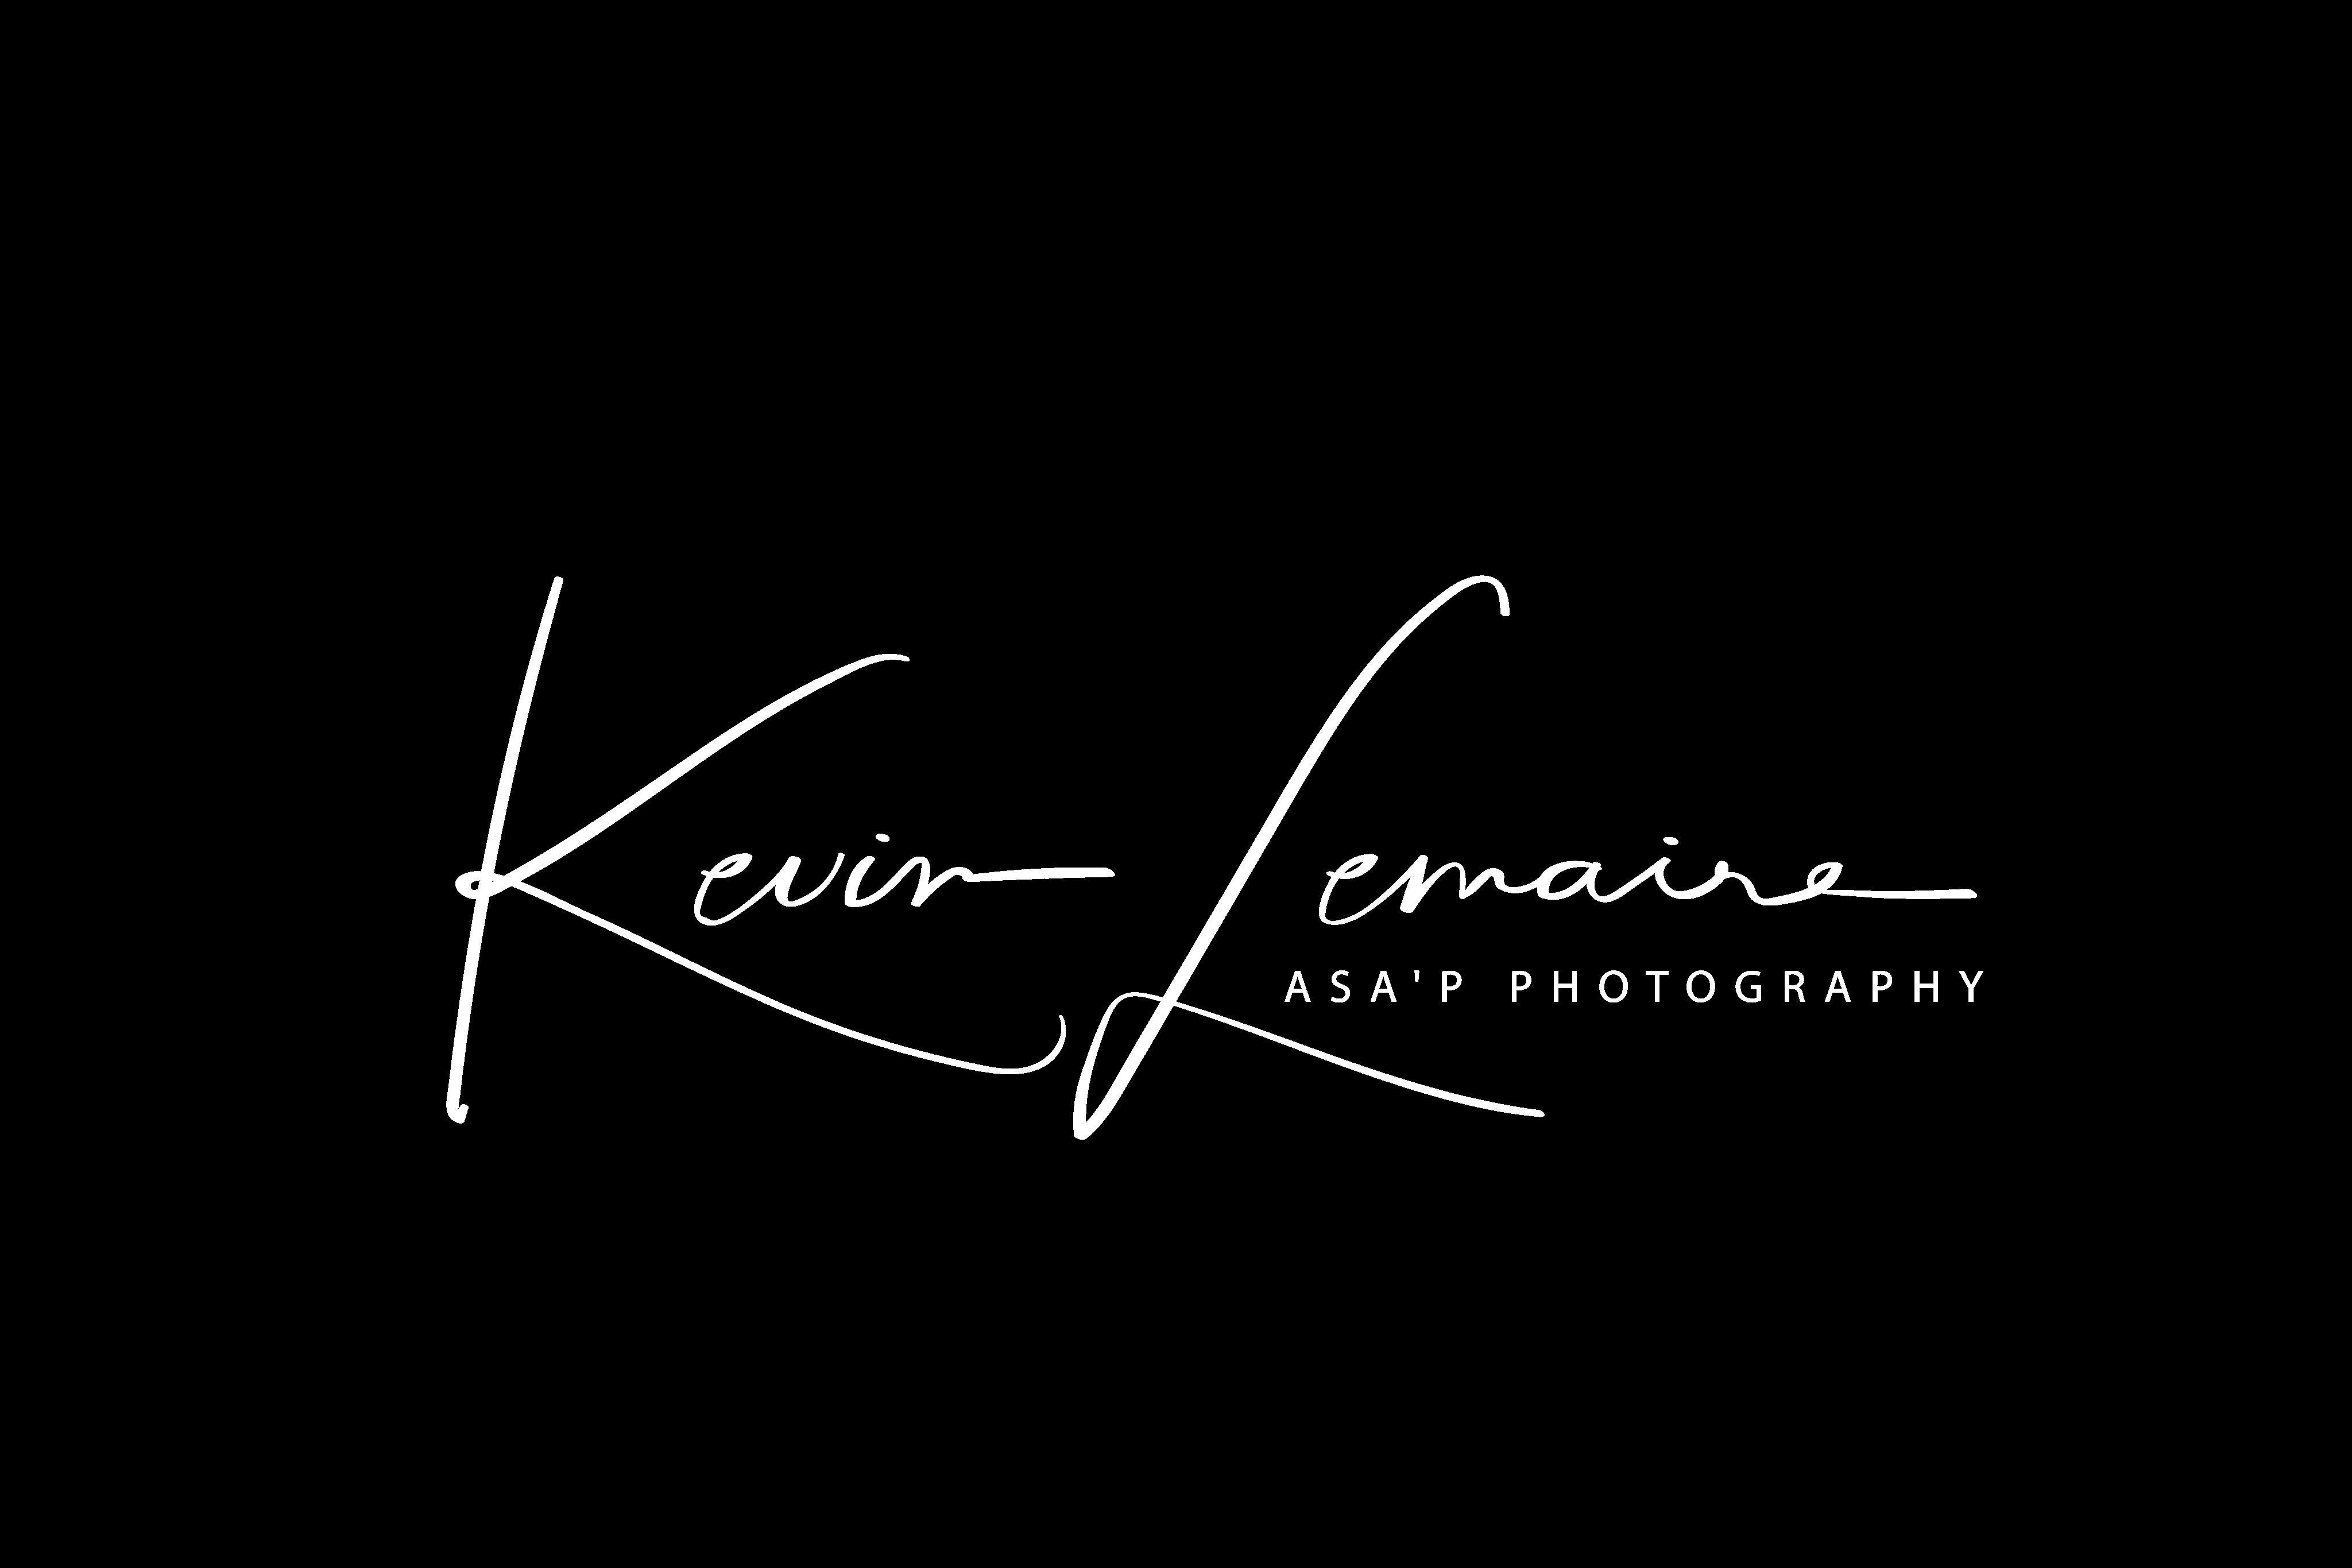 Lemaire Kévin